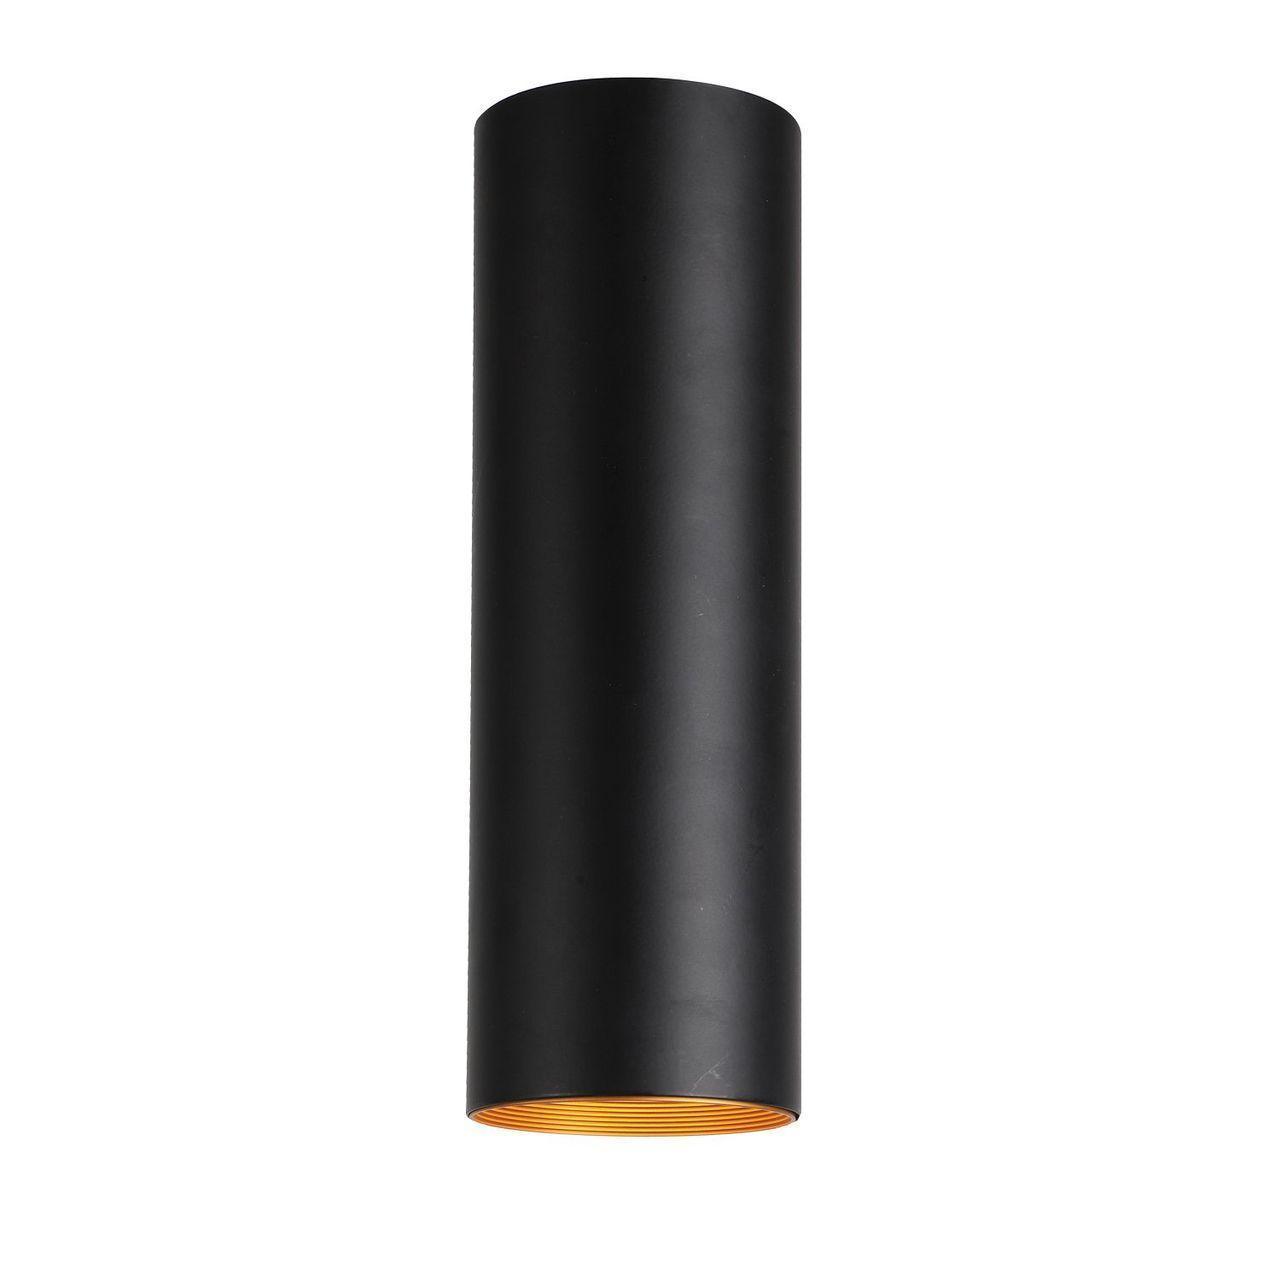 Потолочный светодиодный светильник Favourite Drum 2250-1U потолочный светодиодный светильник favourite umlauf 2116 1u